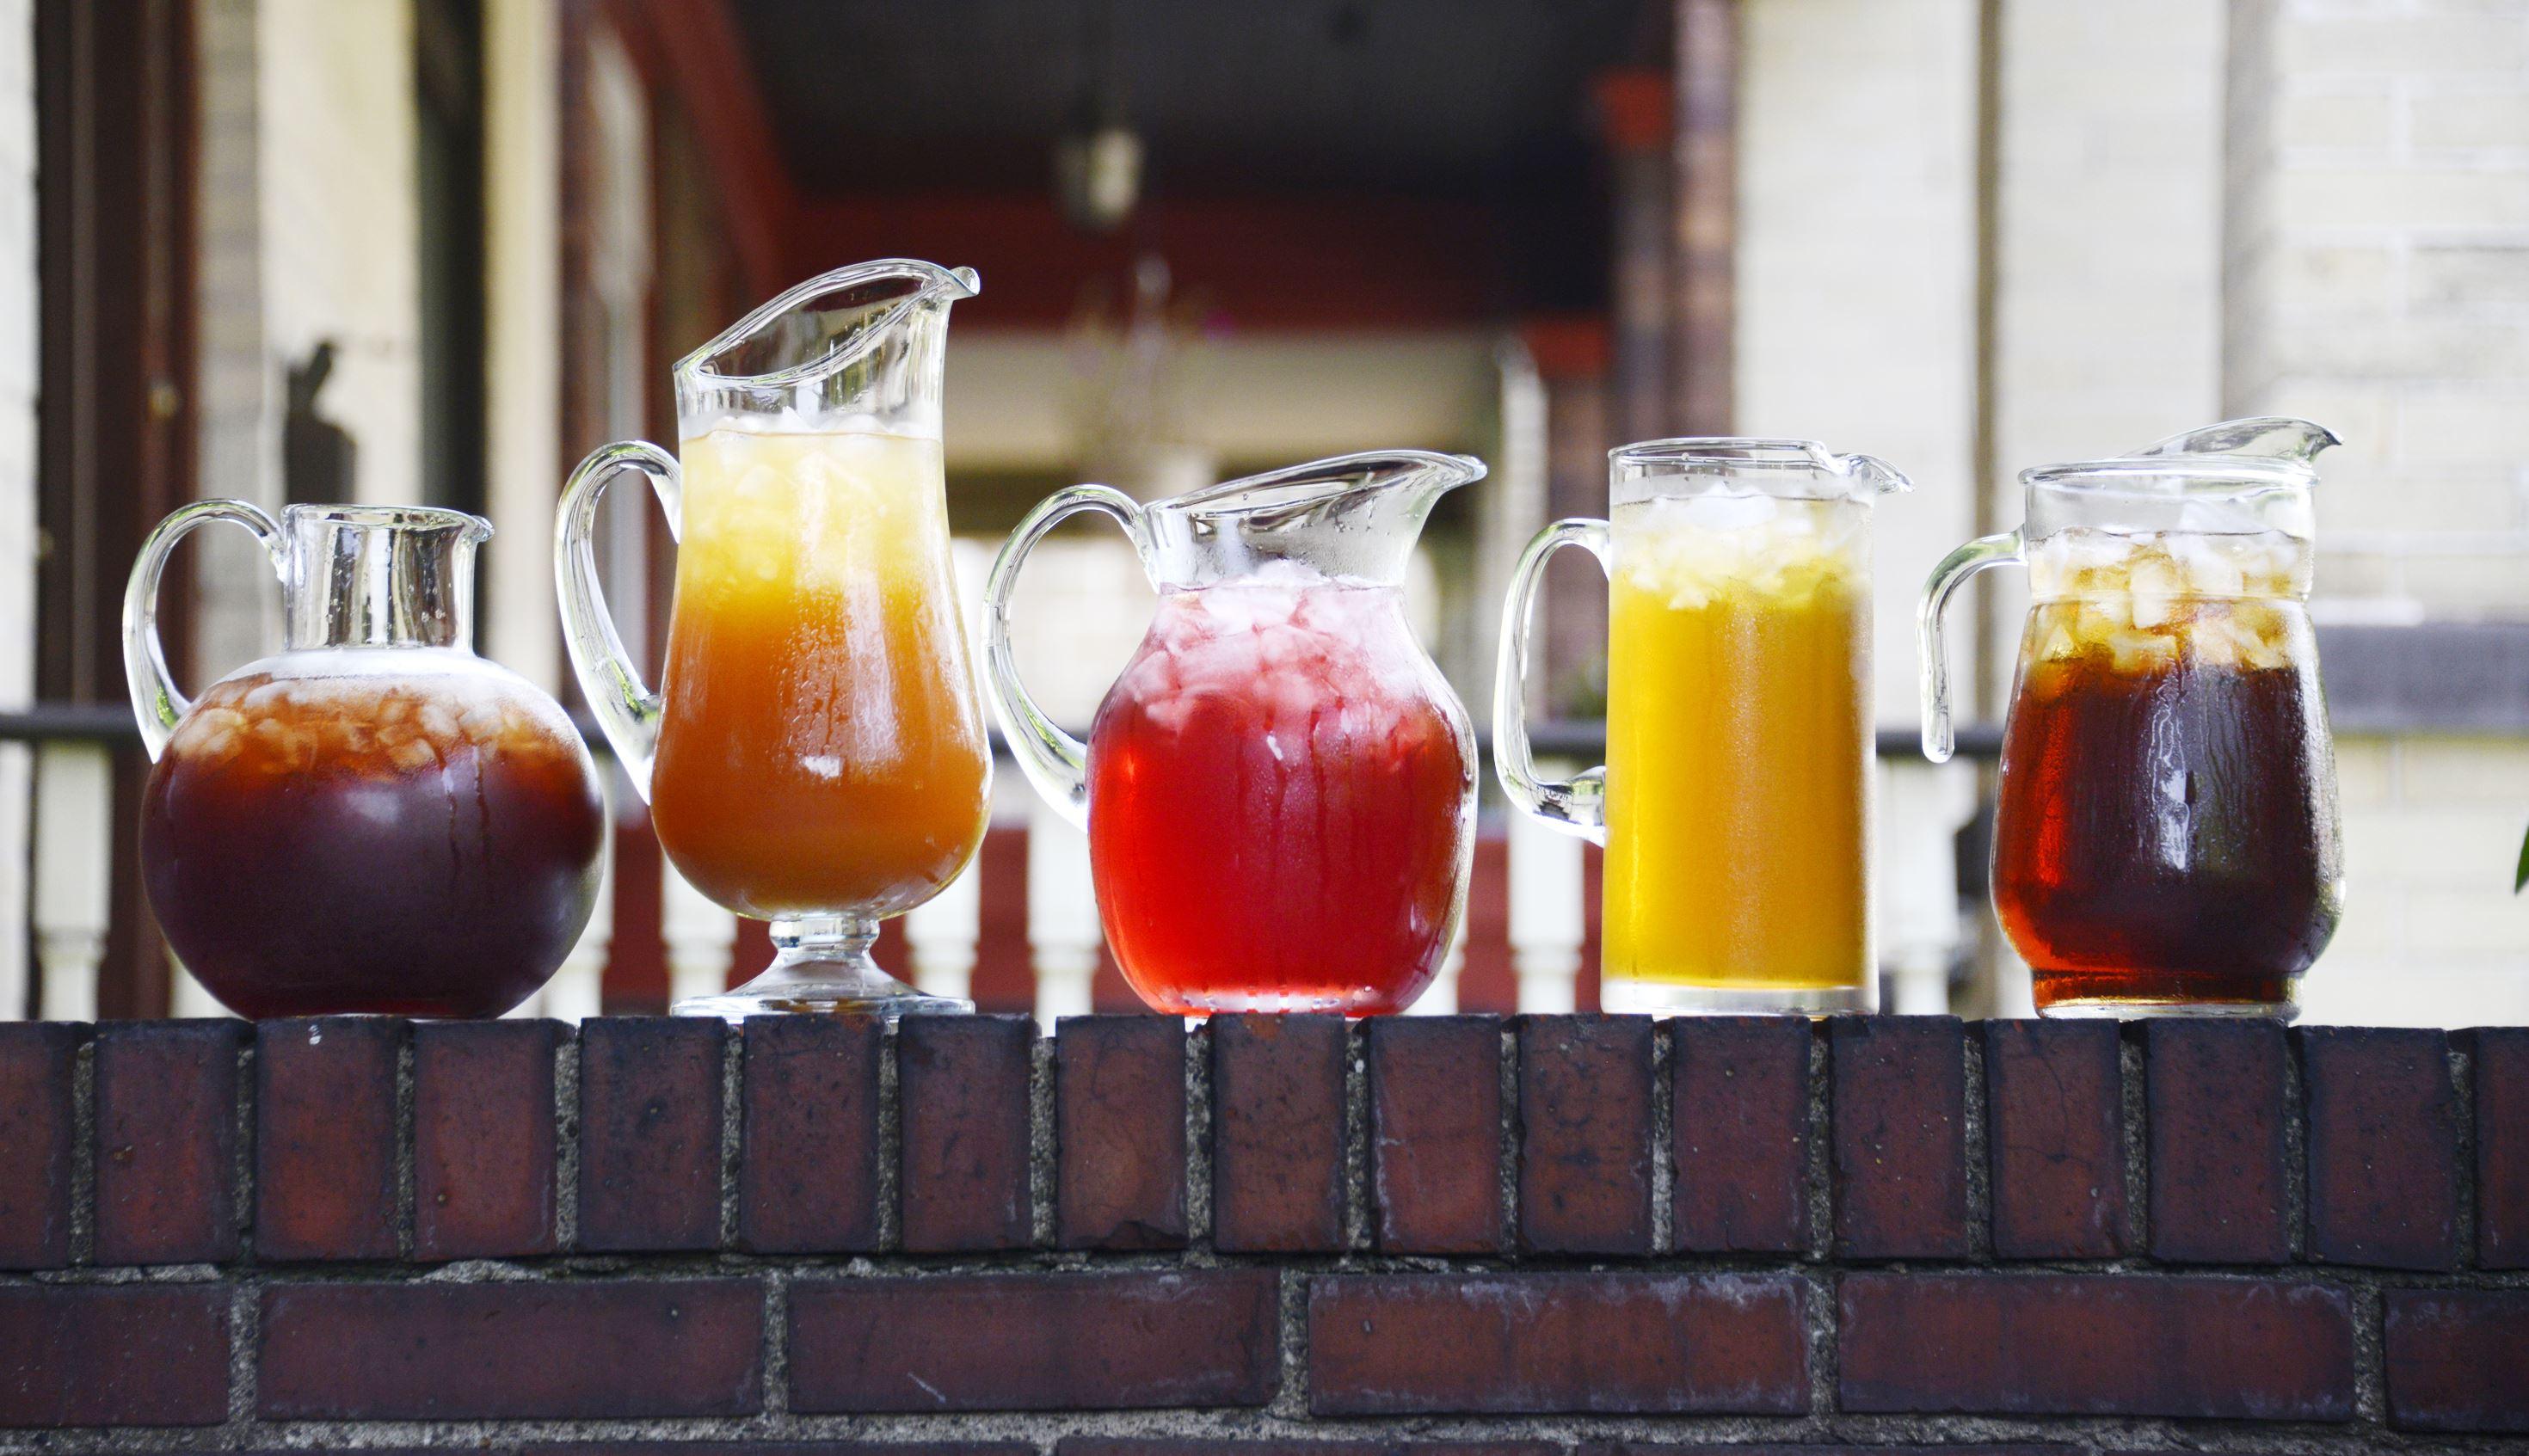 20150729dsIceTeaFood02 Iced Teas, from left, Blueberry, Peach, Boston Iced Tea, Green Iced Tea and Lemon Ice Tea.